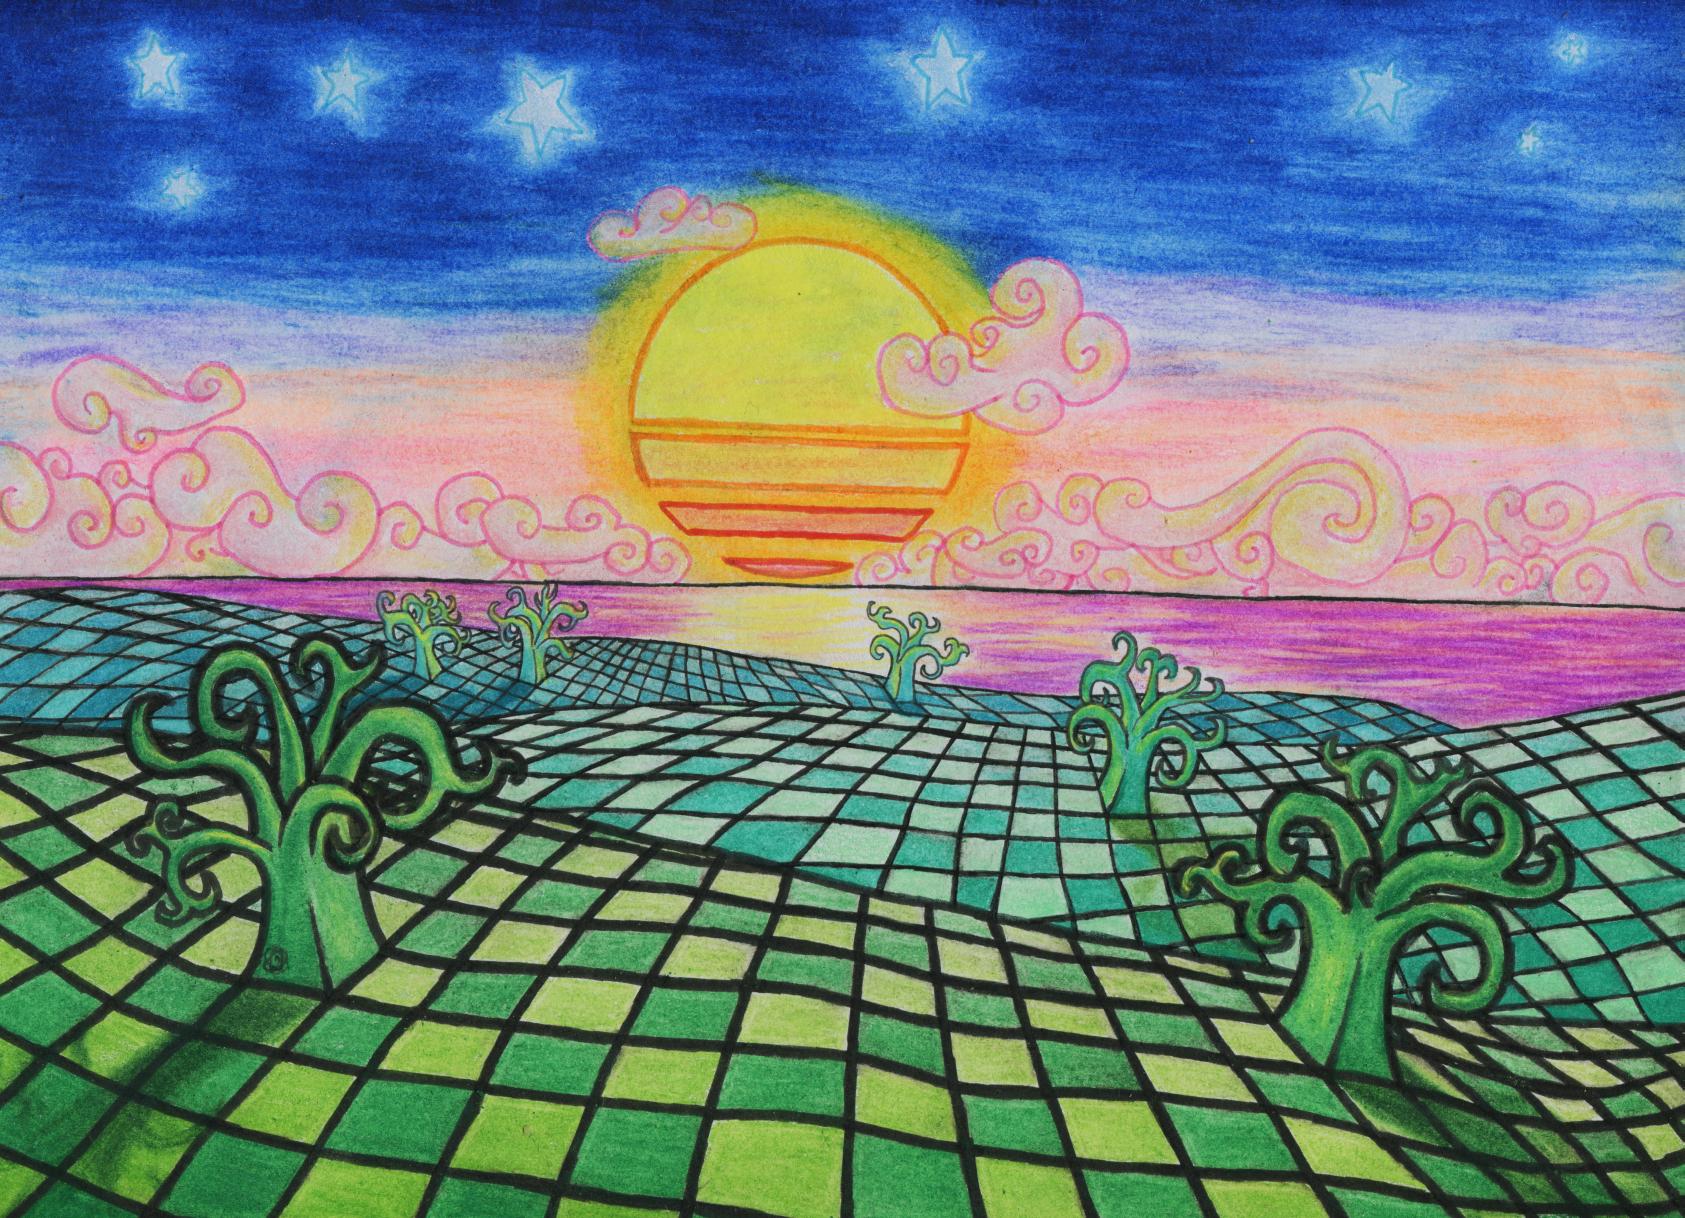 Nostalgic Dreamscape